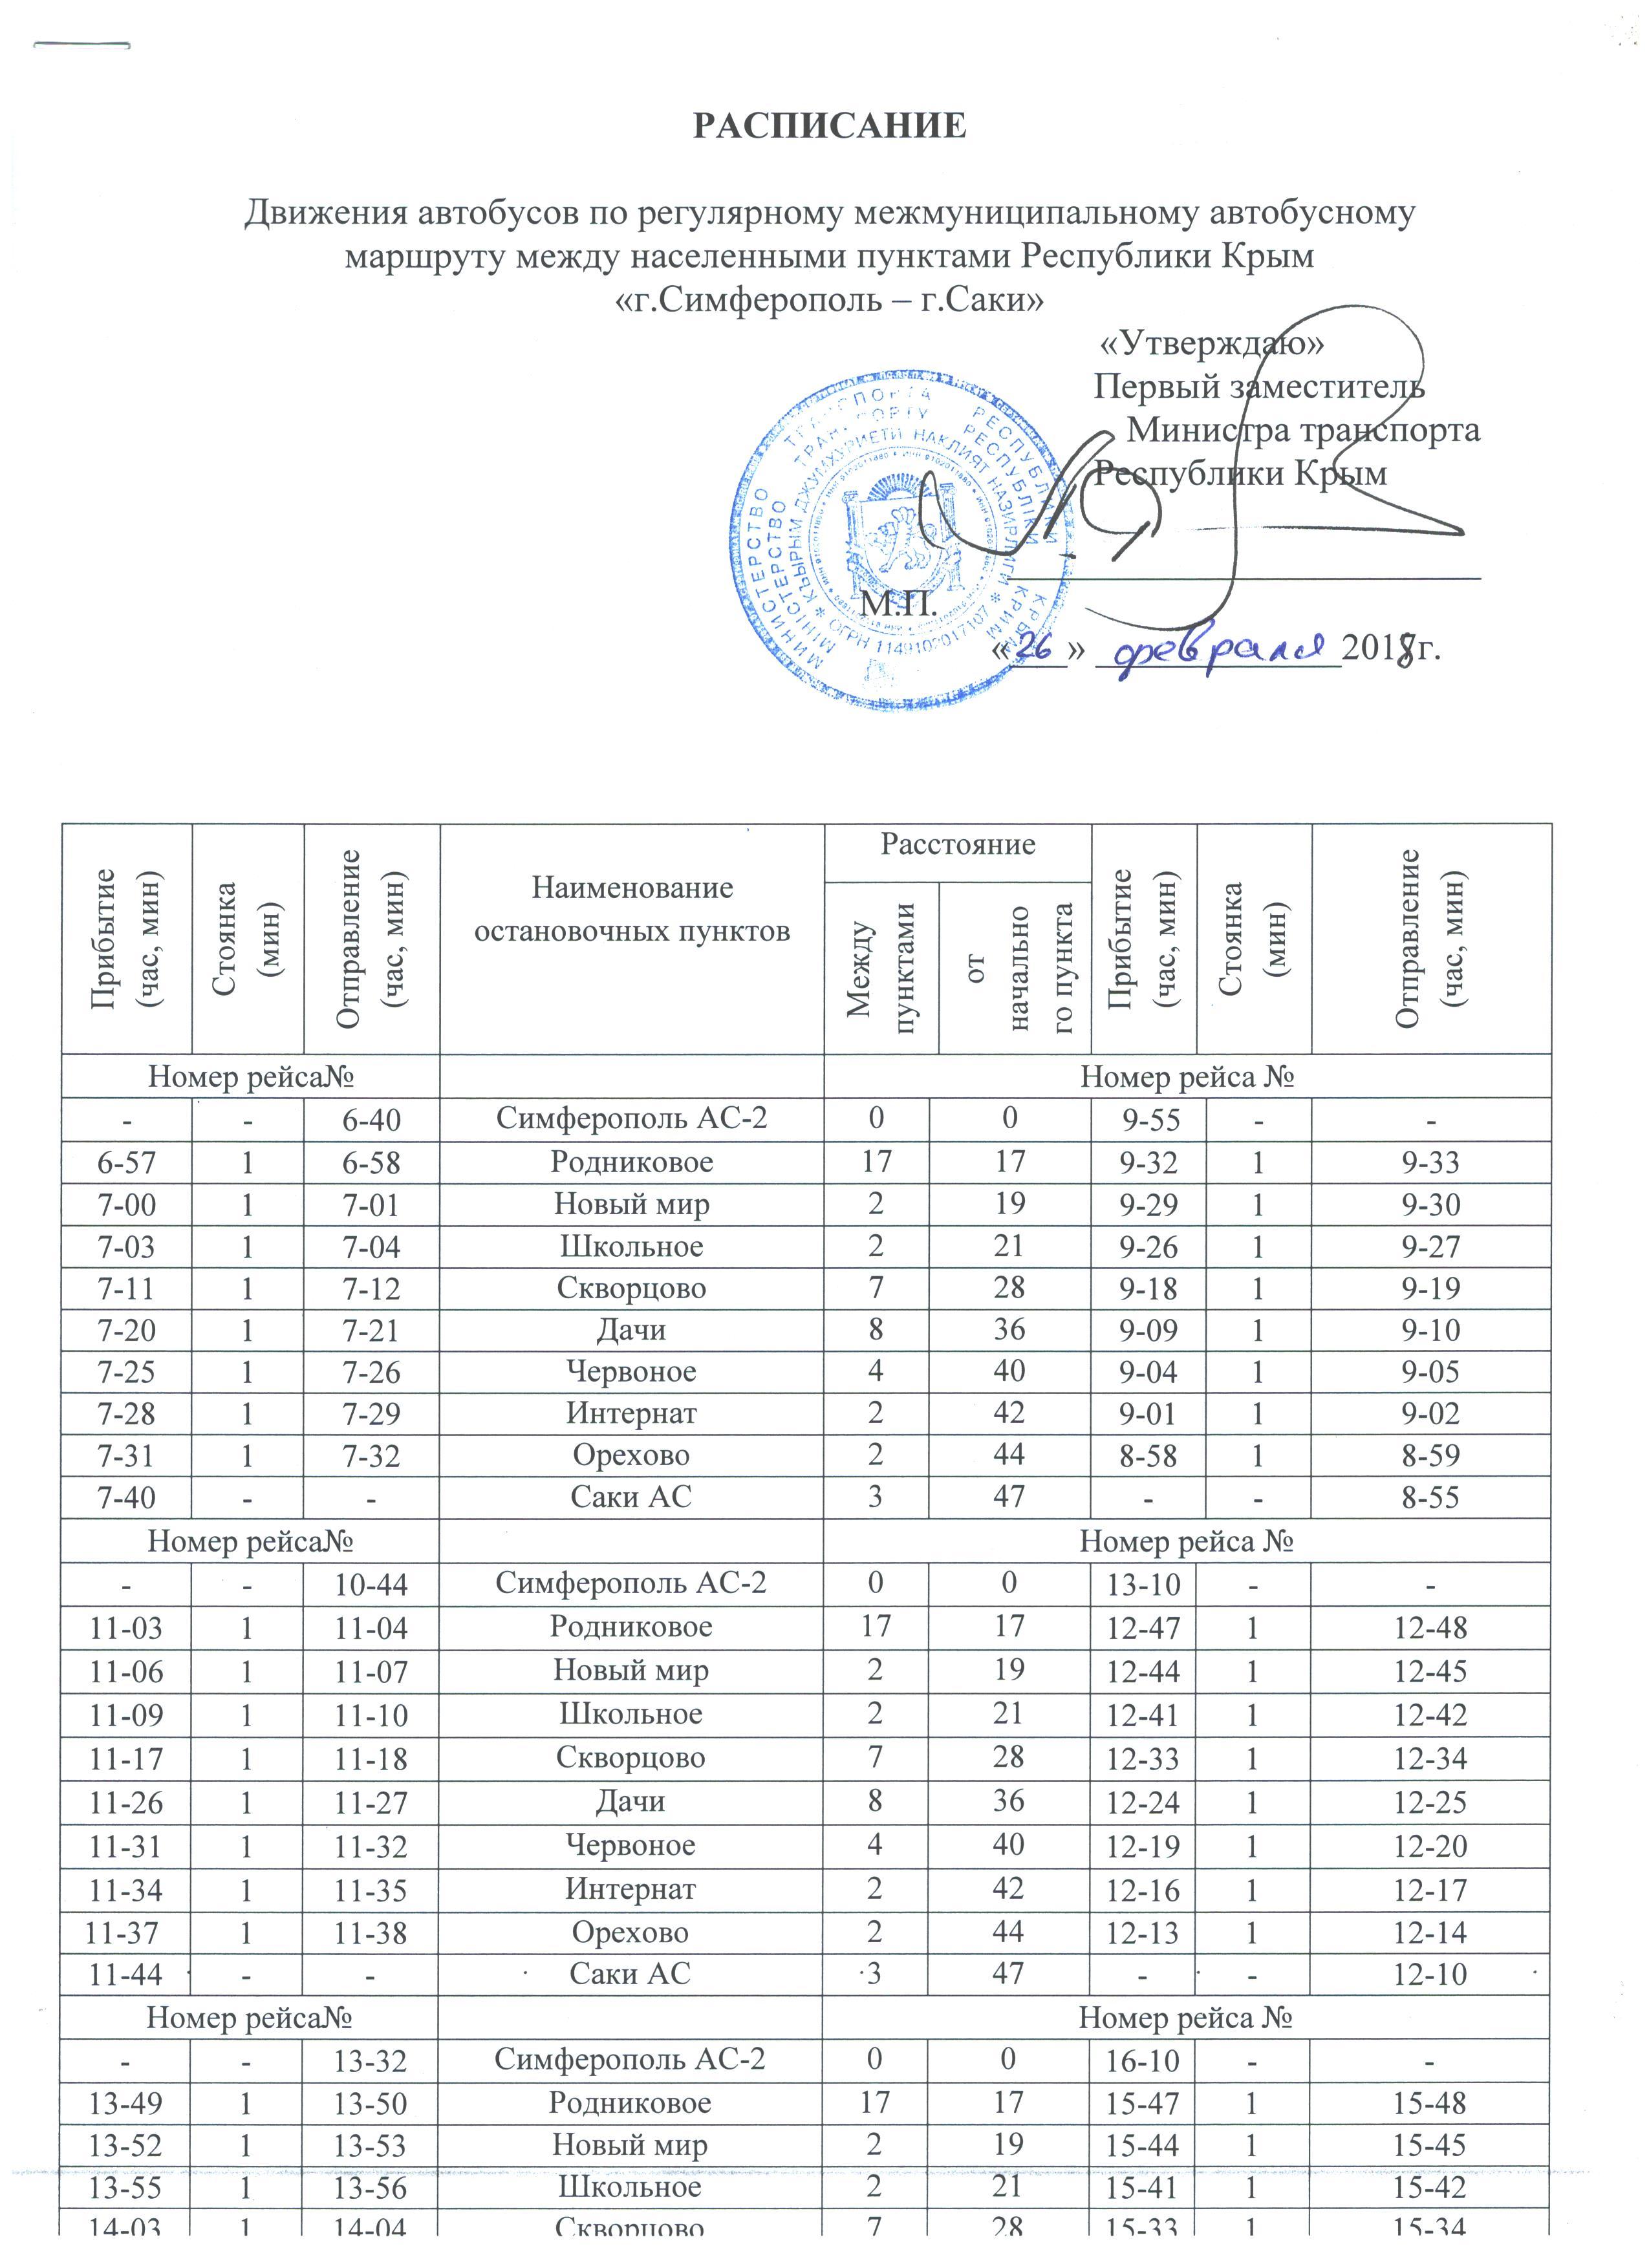 саки6(1)